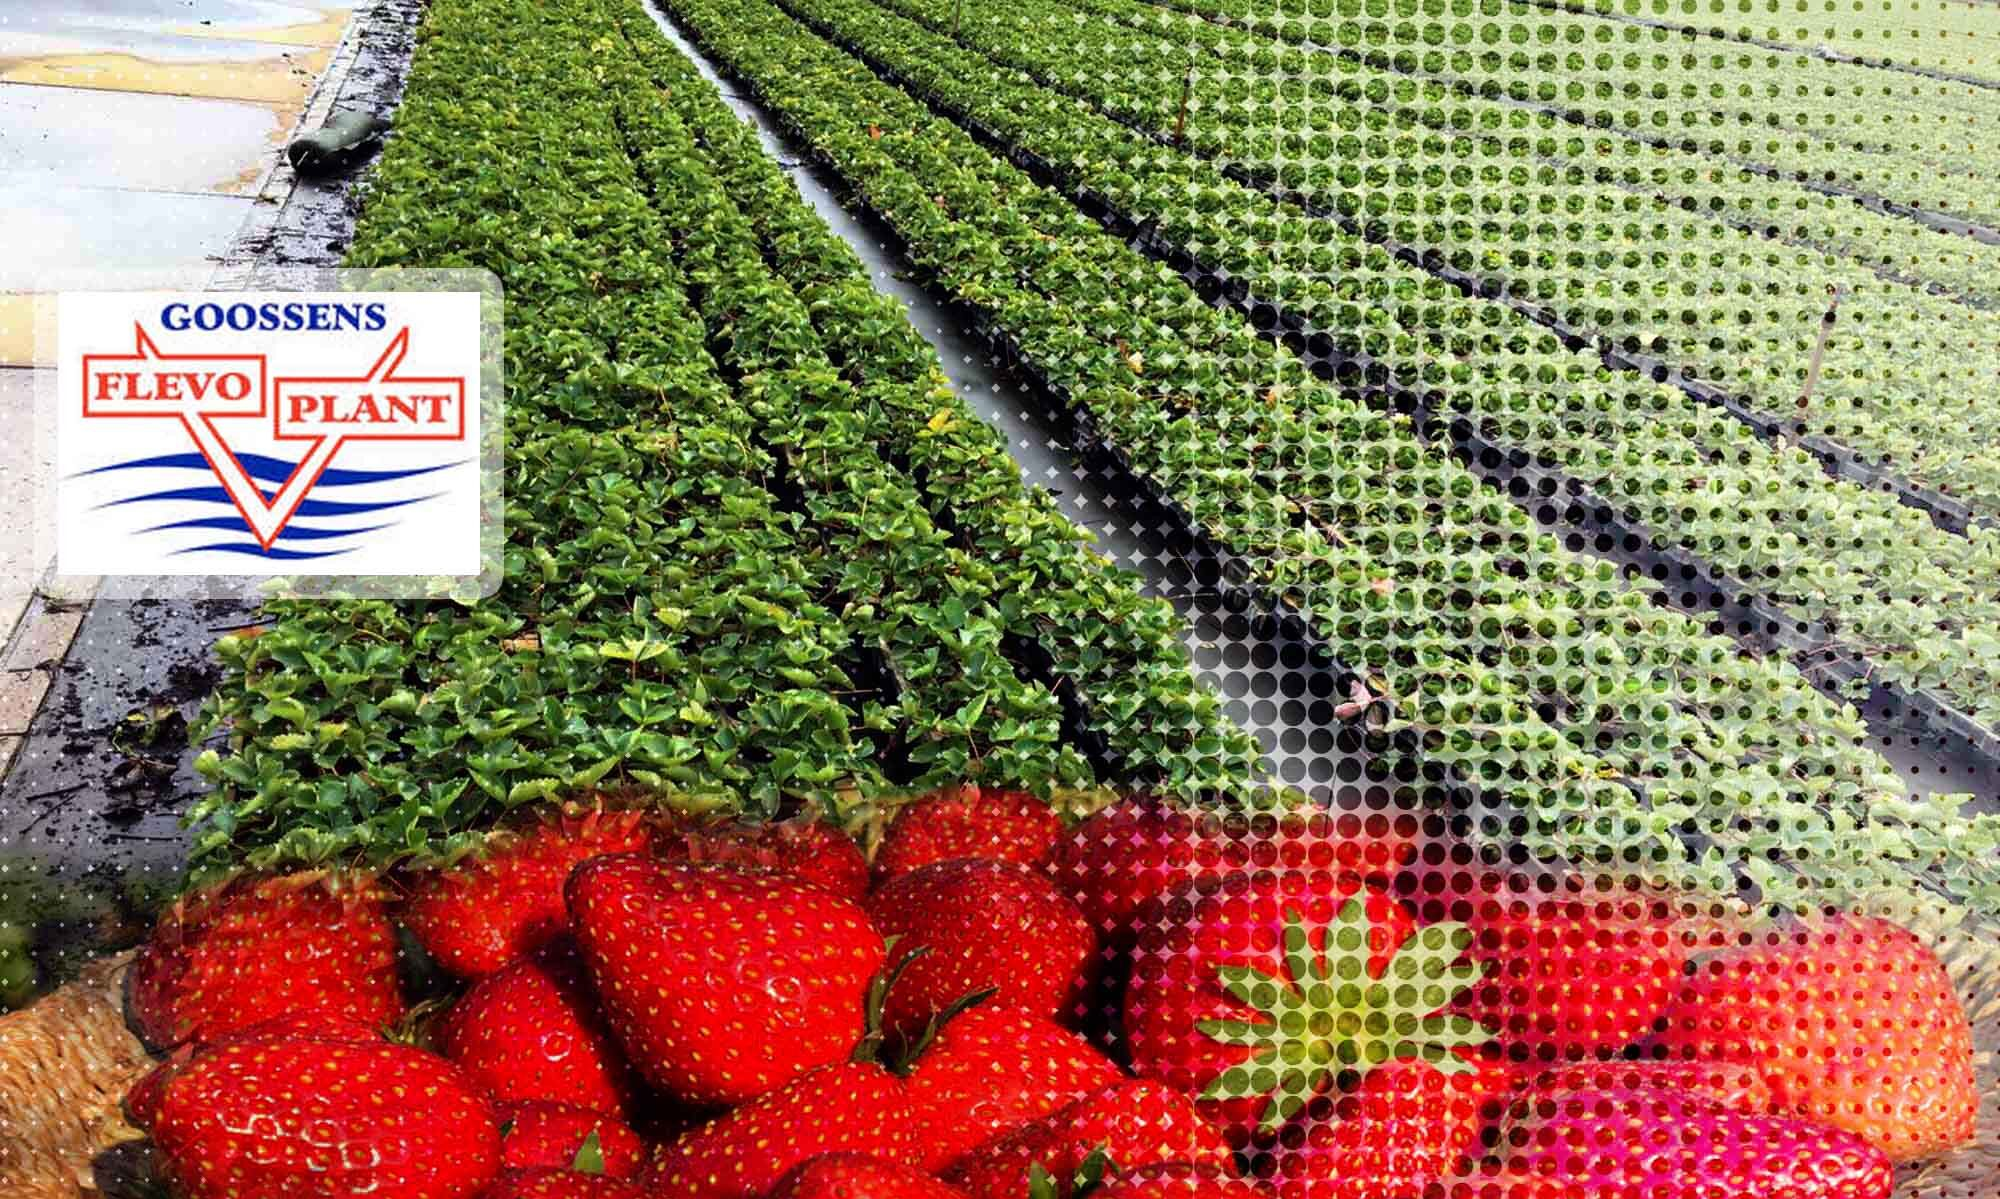 Sprzedaż i produkcja sadzonek truskawek Flevoplant - Duraczewo, woj. lubuskie